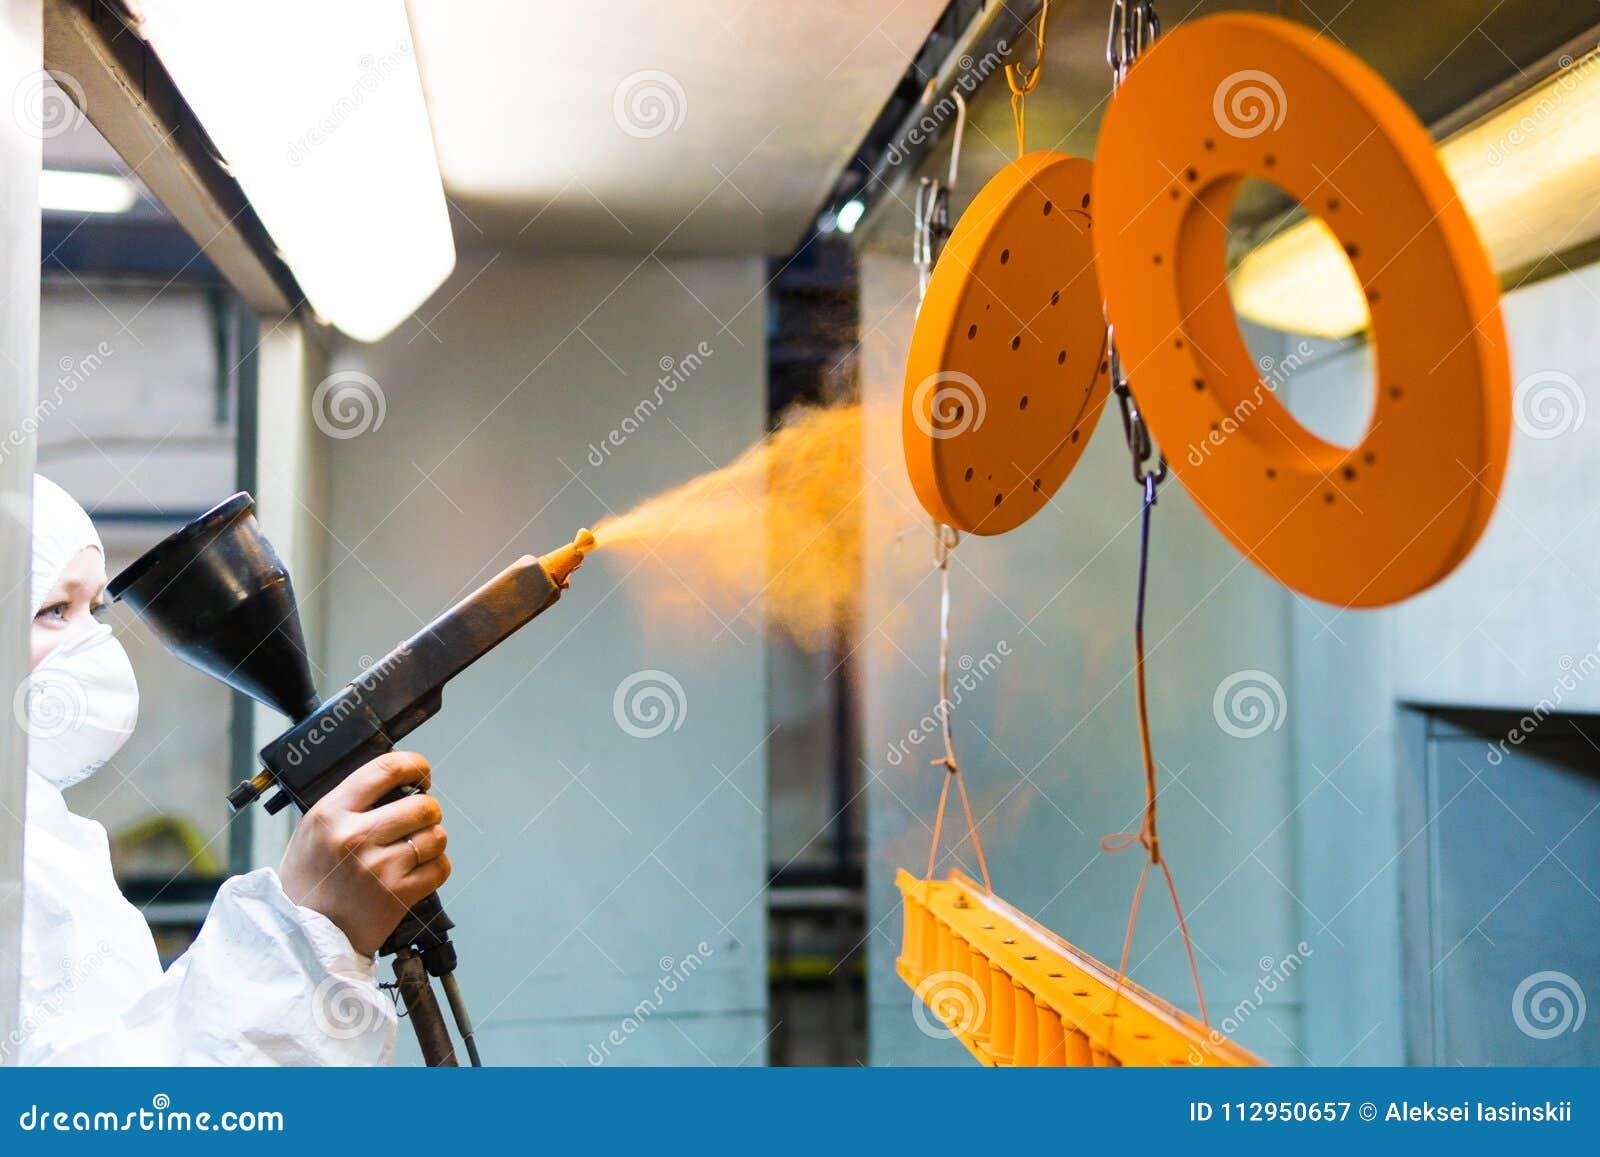 金属零件粉末涂层  防护套服的一名妇女喷洒从一杆枪的粉末油漆在金属制品